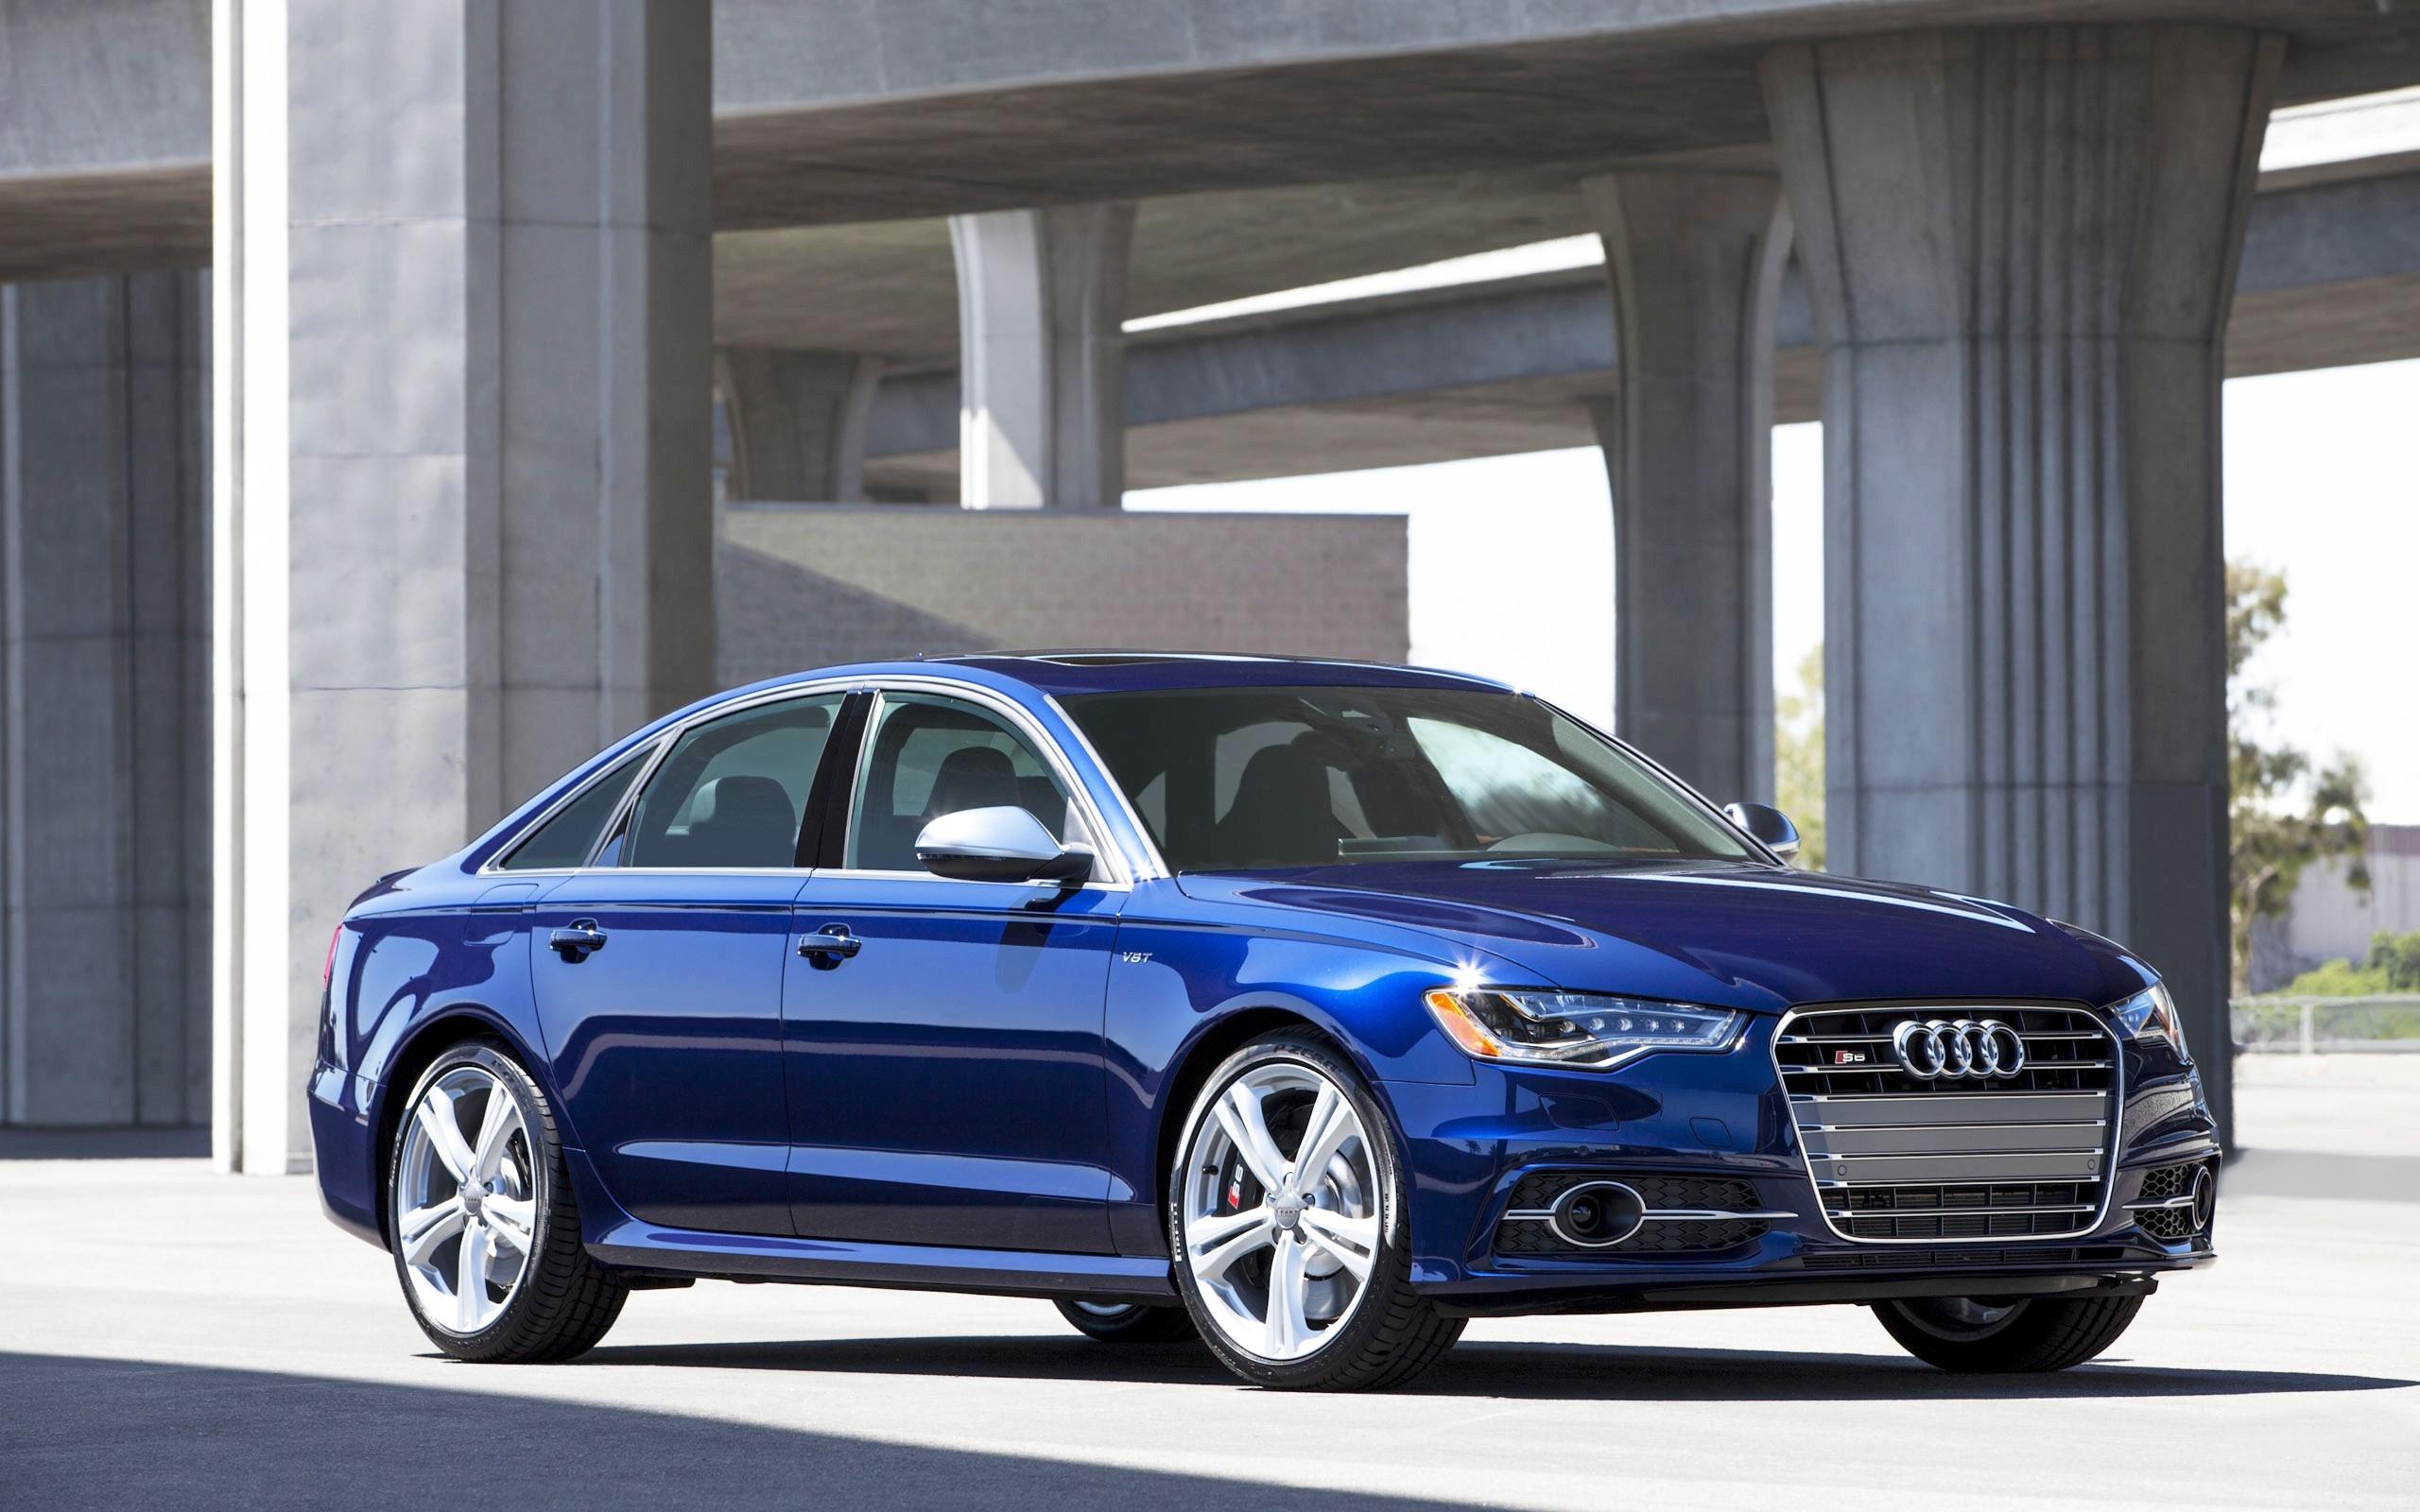 Wallpaper Audi Blue Beautiful Cars 2560x1600